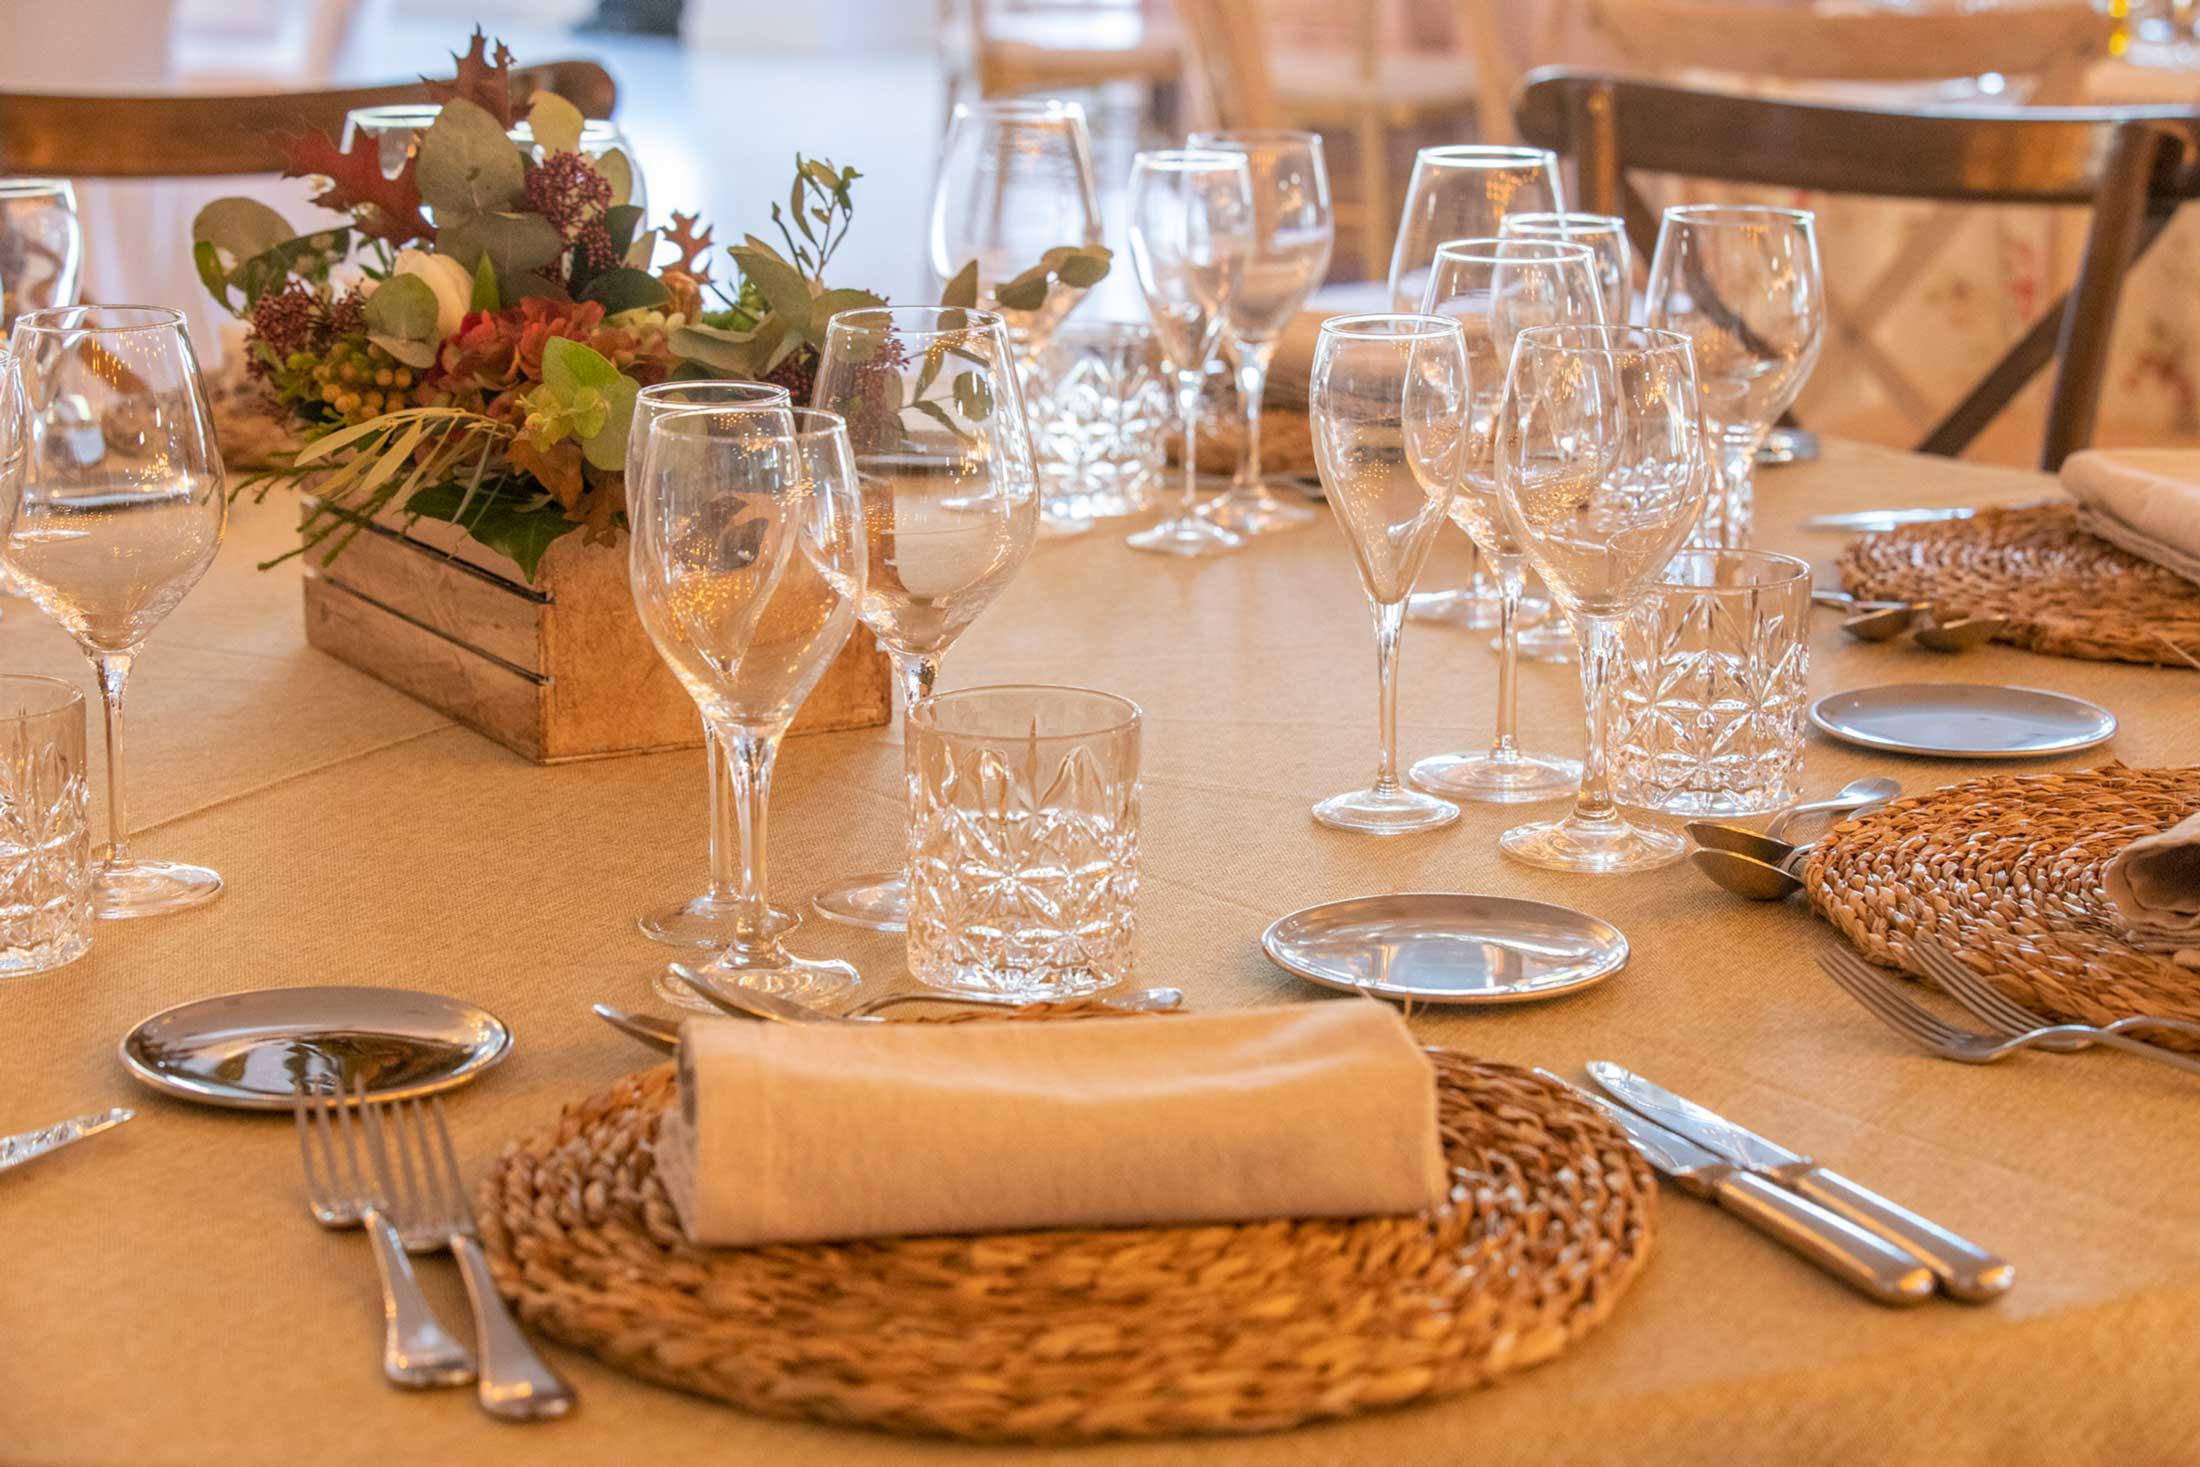 celebraciones murcia bodas porton condesa Fredy mazza fotografo